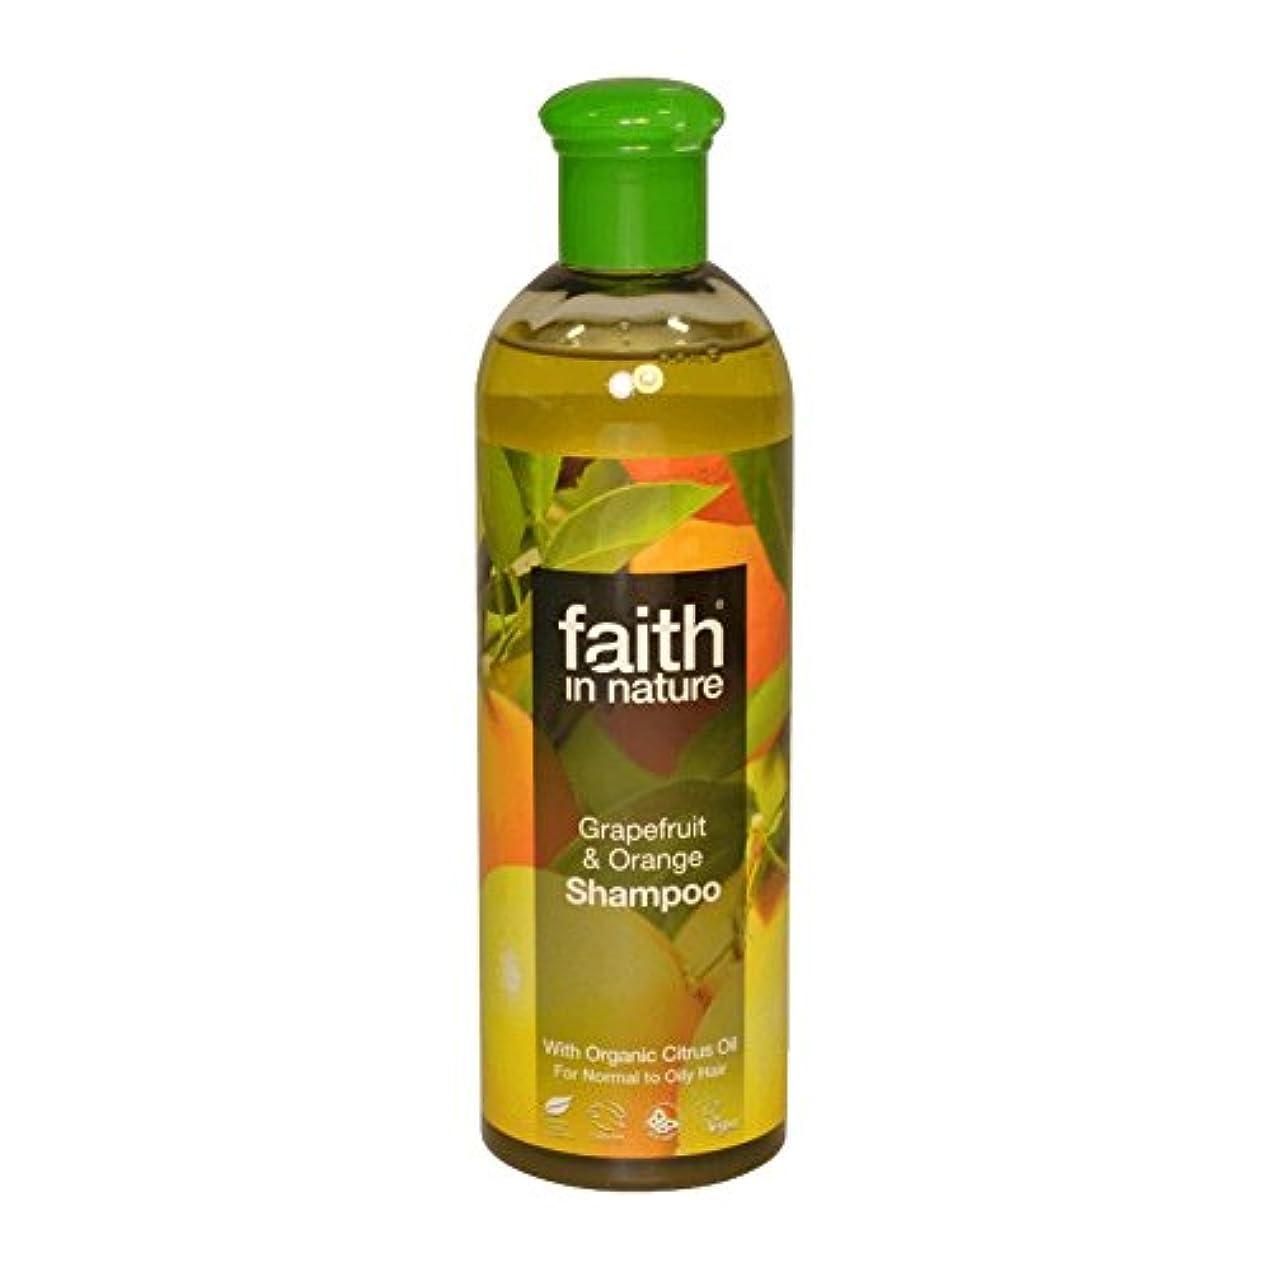 診断する取る平和なFaith in Nature Grapefruit & Orange Shampoo 400ml (Pack of 6) - 自然グレープフルーツ&オレンジシャンプー400ミリリットルの信仰 (x6) [並行輸入品]